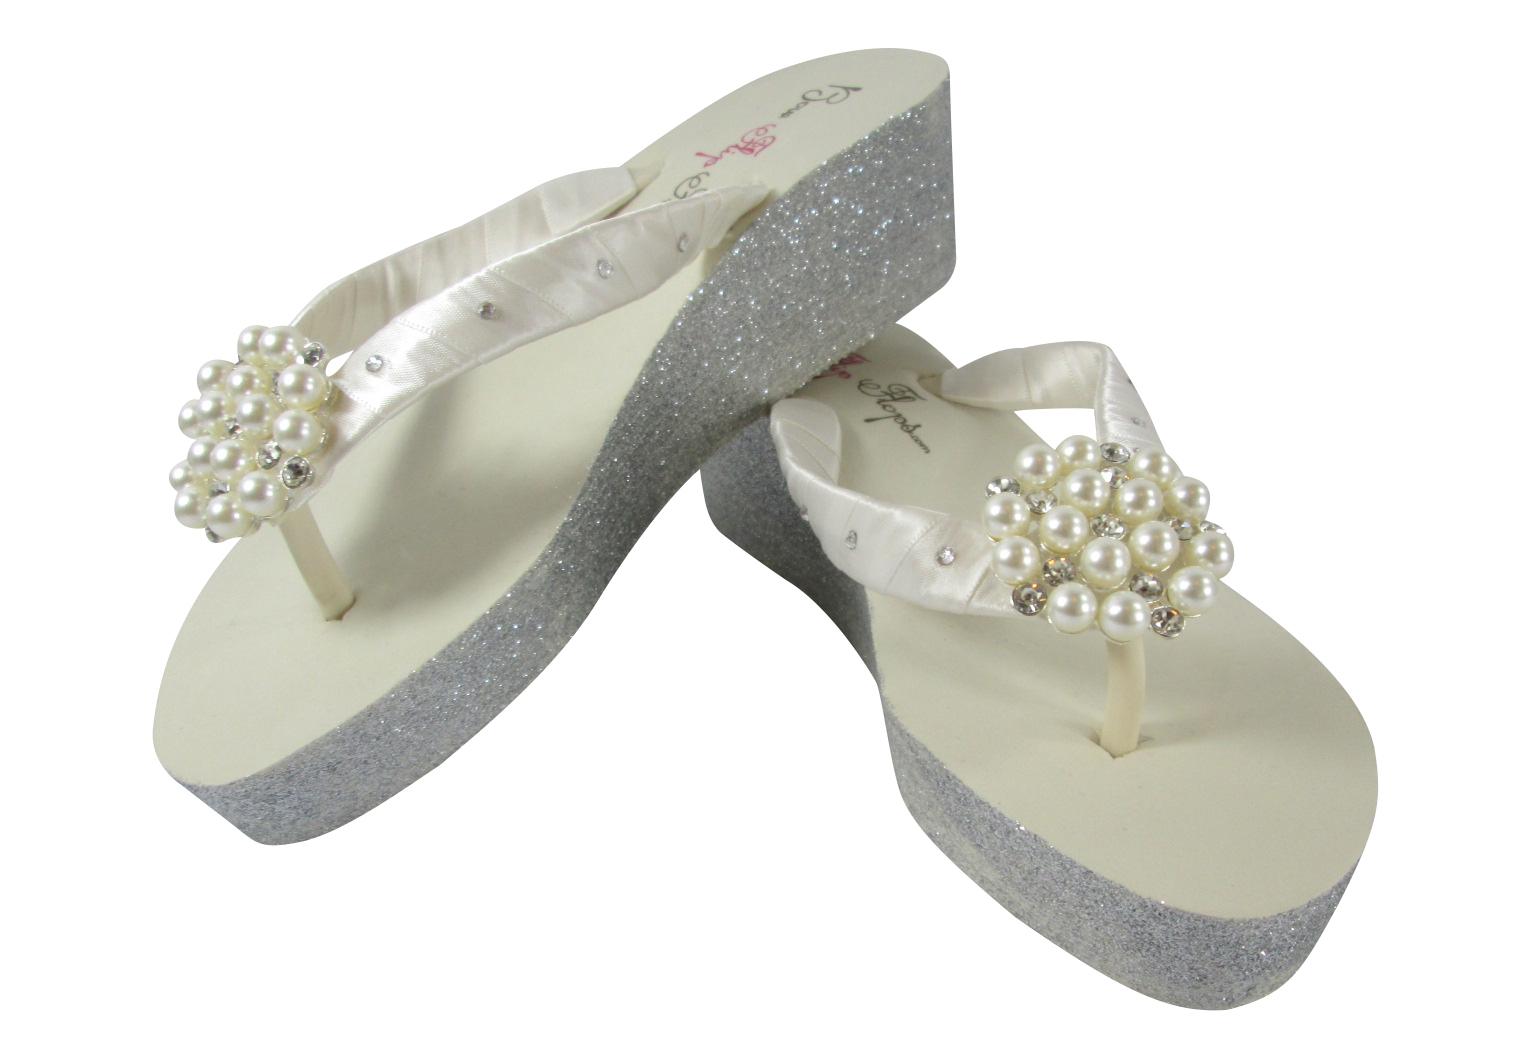 ec24ae0ff 2 inch ivory wedge bridal flip flops with silver glitter swarovski  rhinestones and pearl